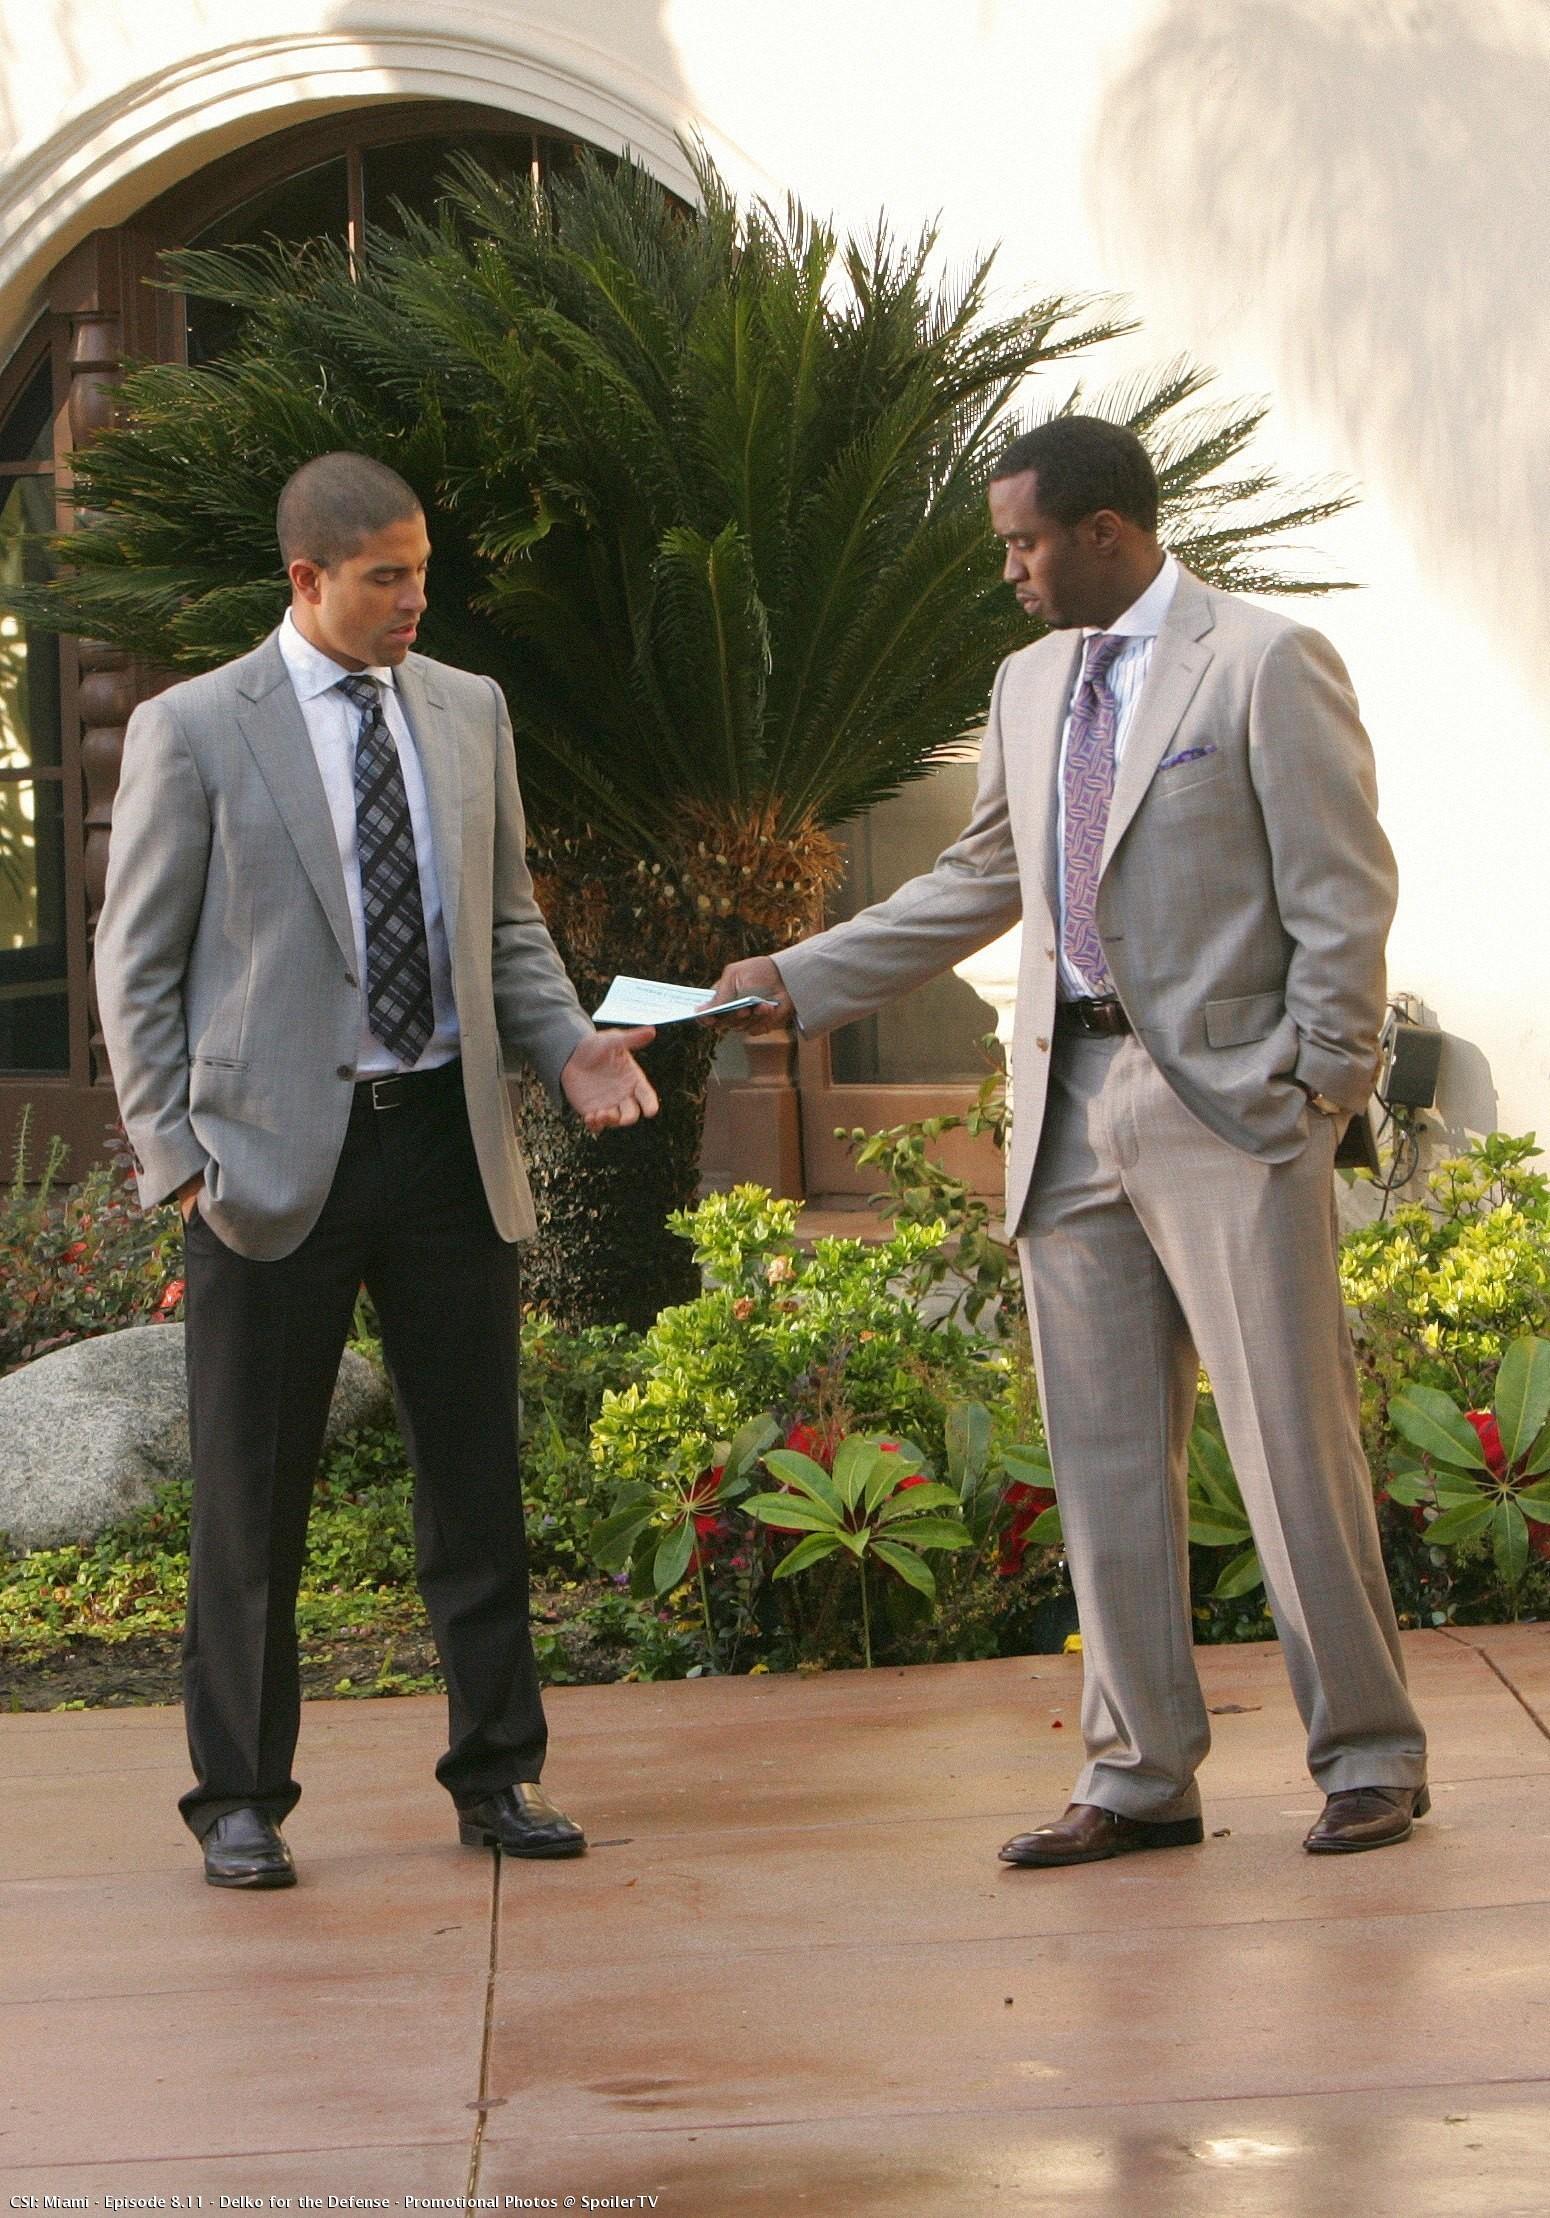 CSI: MIAMI-8.11-Delko for the Defense-Promotional foto